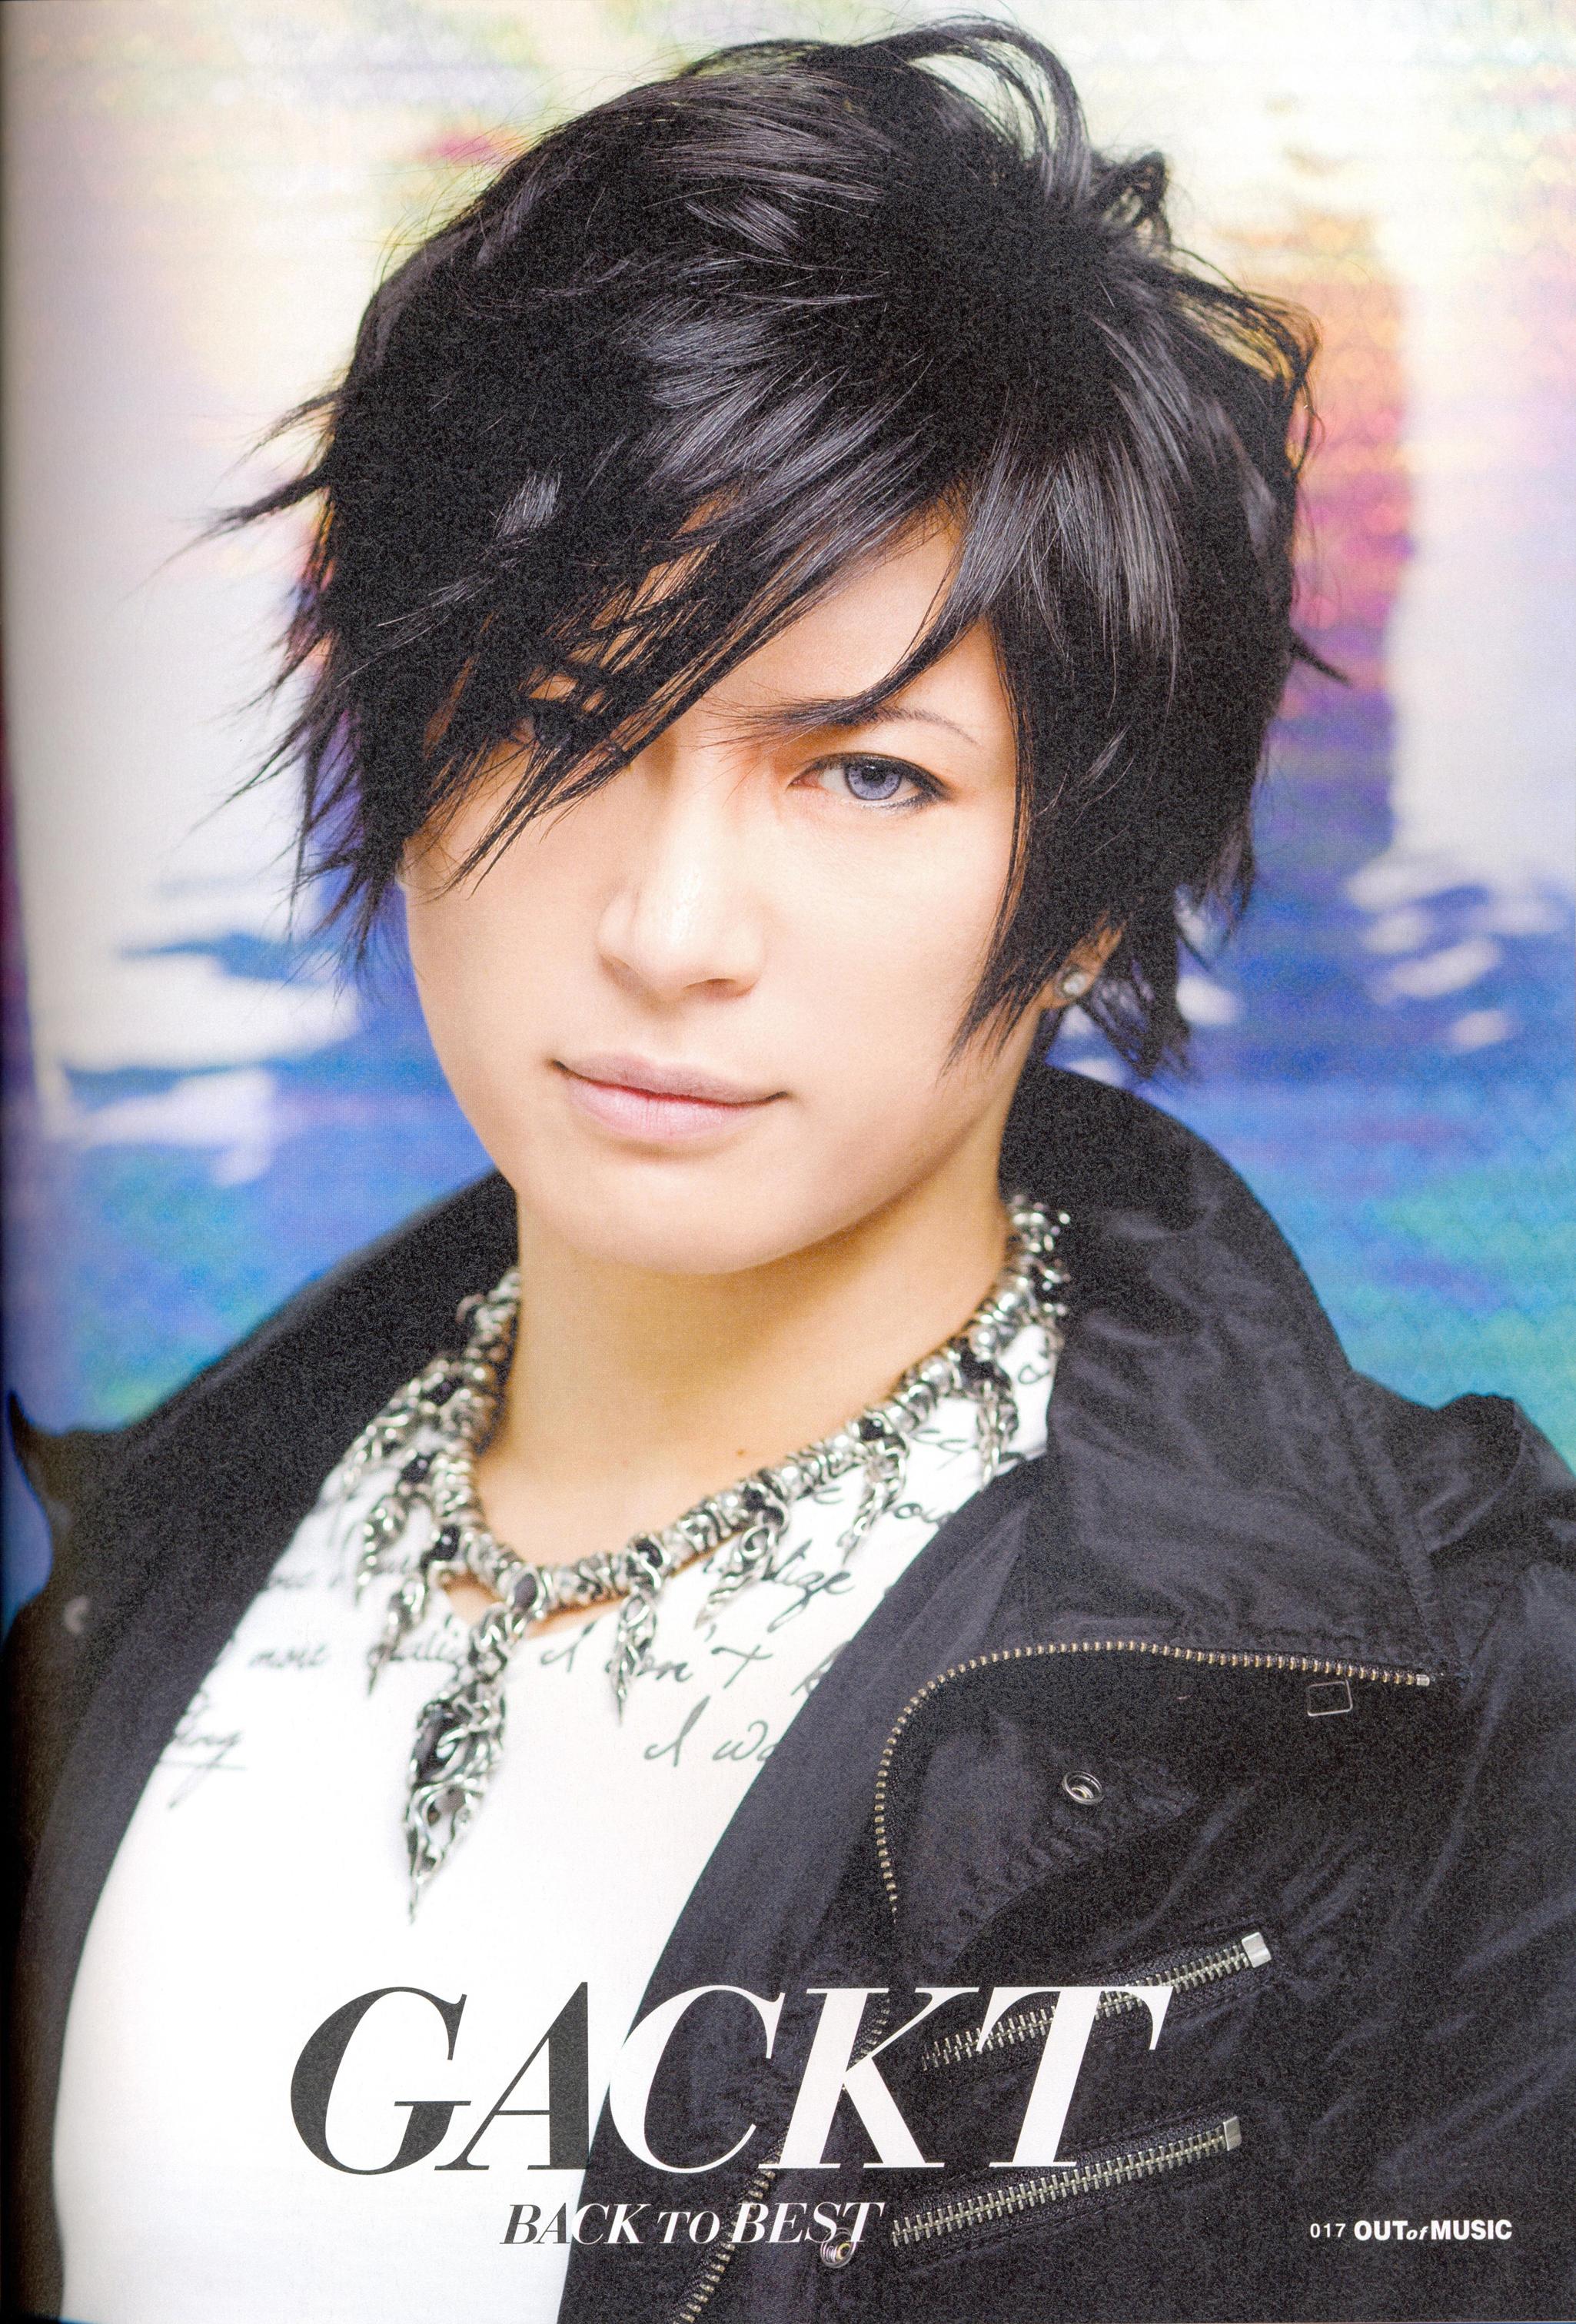 Musician Gackt - age: 43